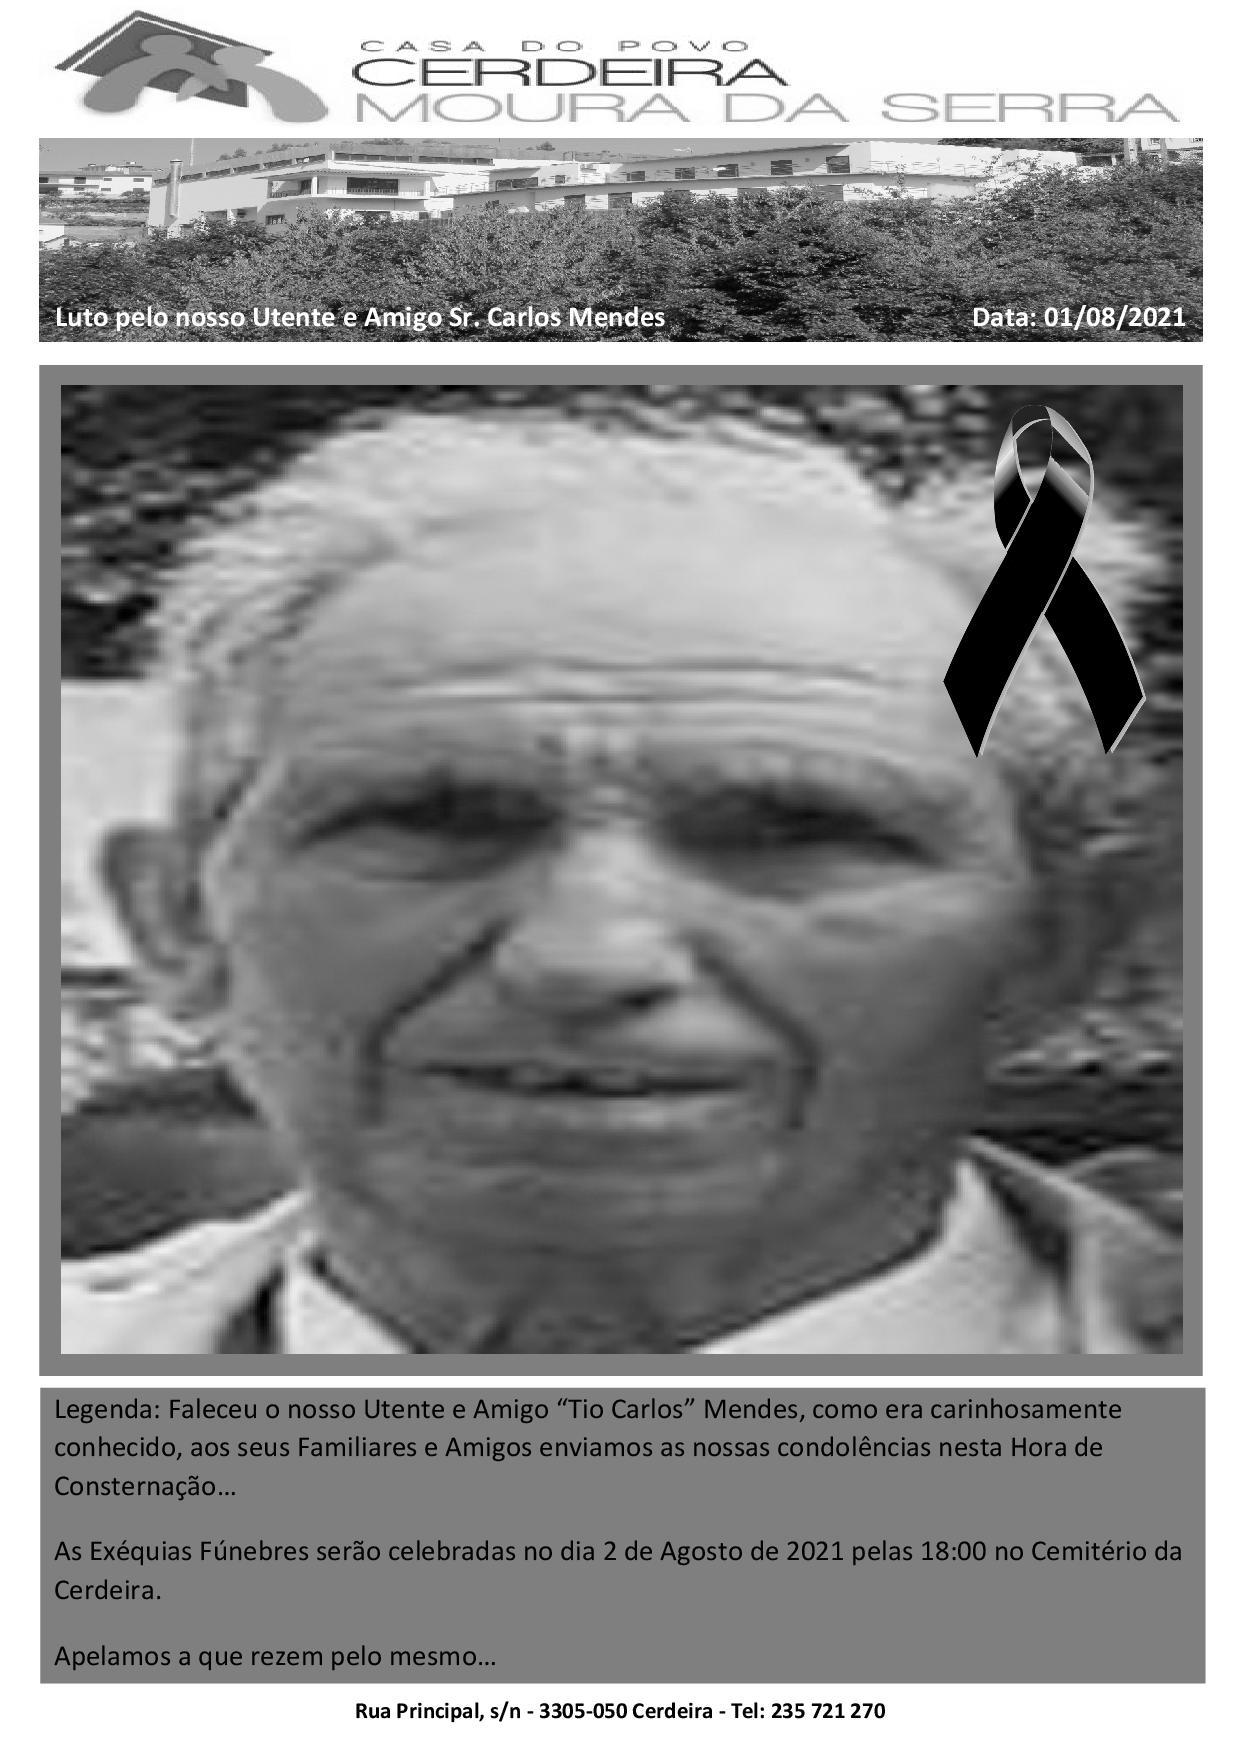 """Faleceu o nosso Utente e Amigo """"Tio Carlos"""" Mendes"""